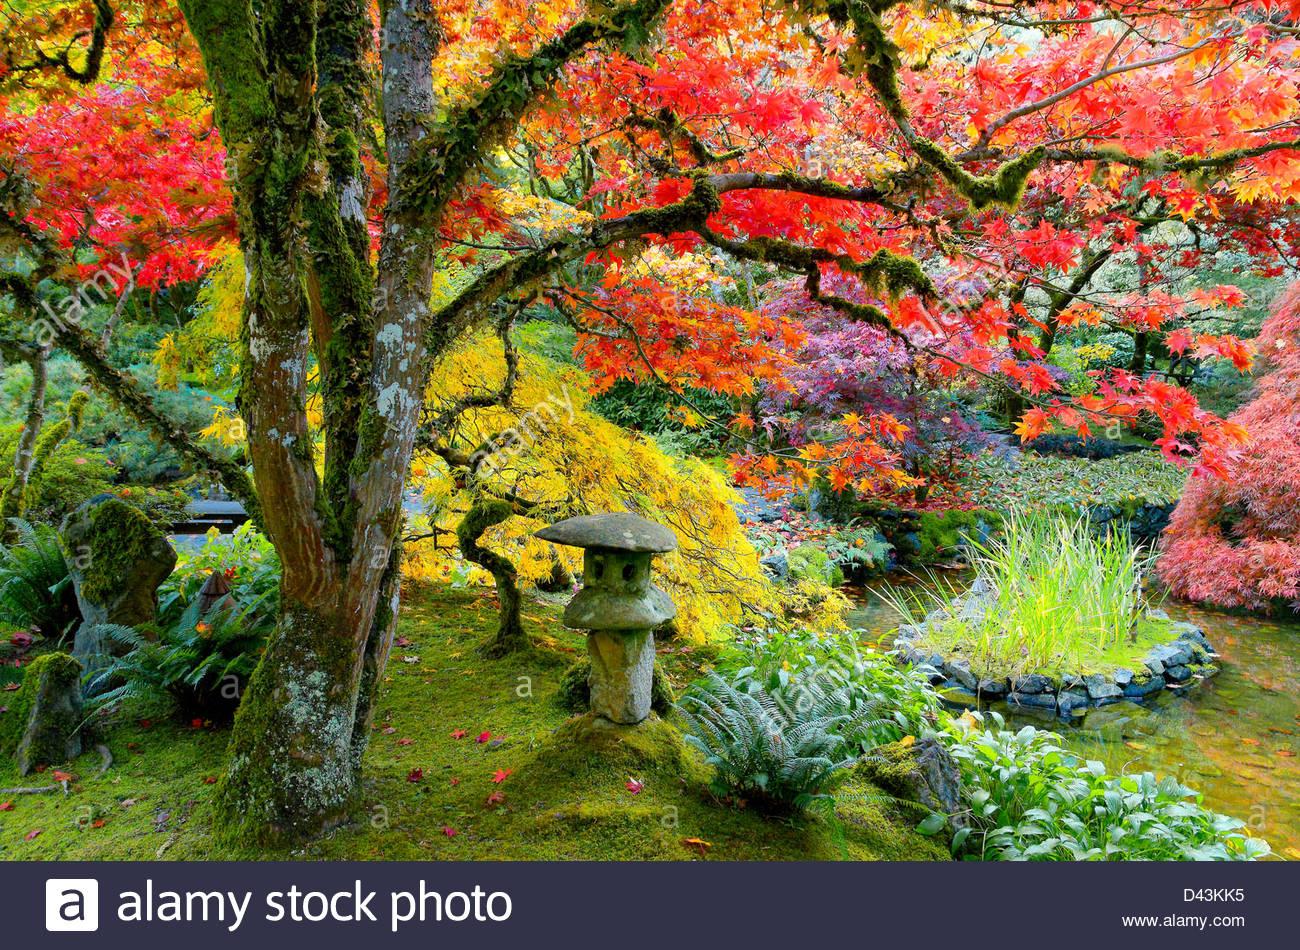 Der japanische Garten, Butchart Gardens Stockbild